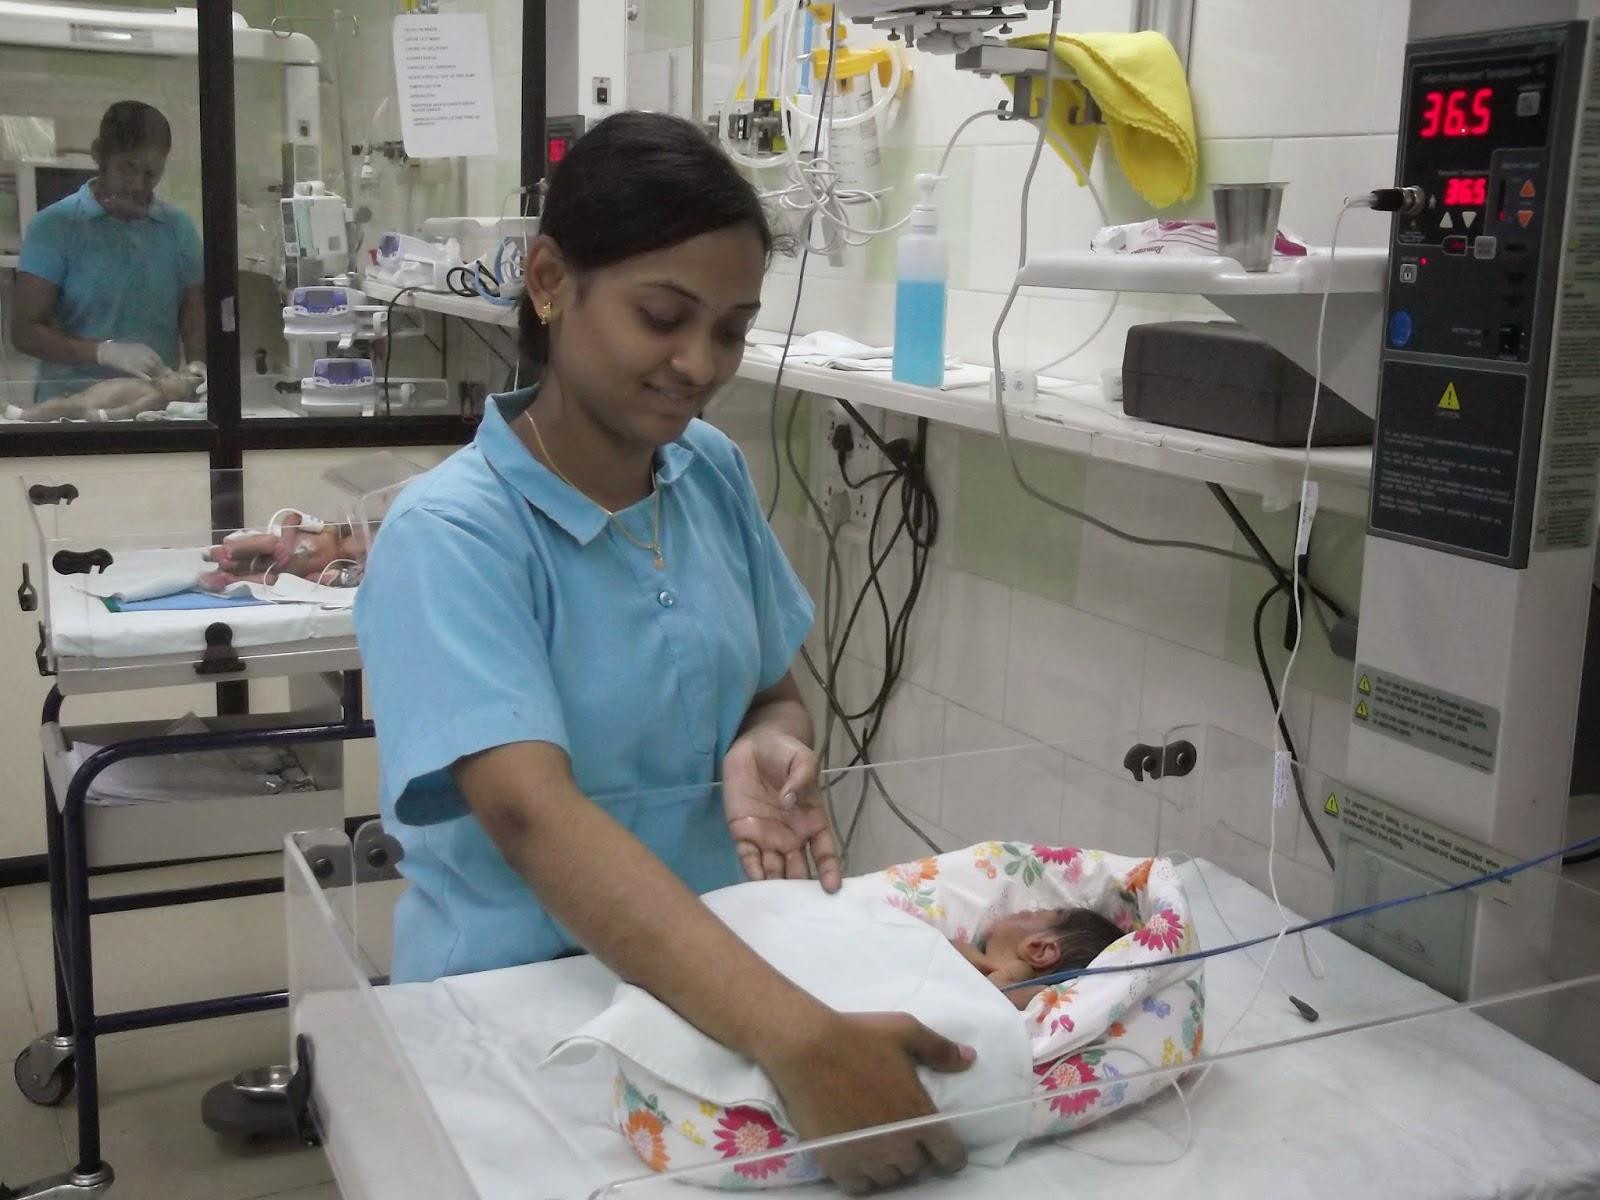 Las enfermeras del turno de noche - 1 part 1